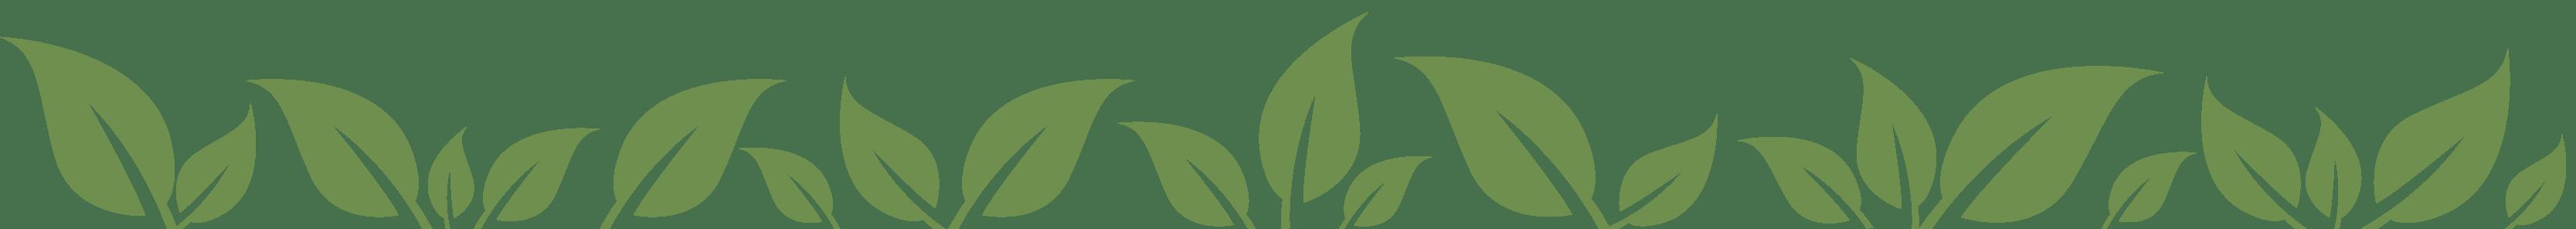 PFABO Blättermuster